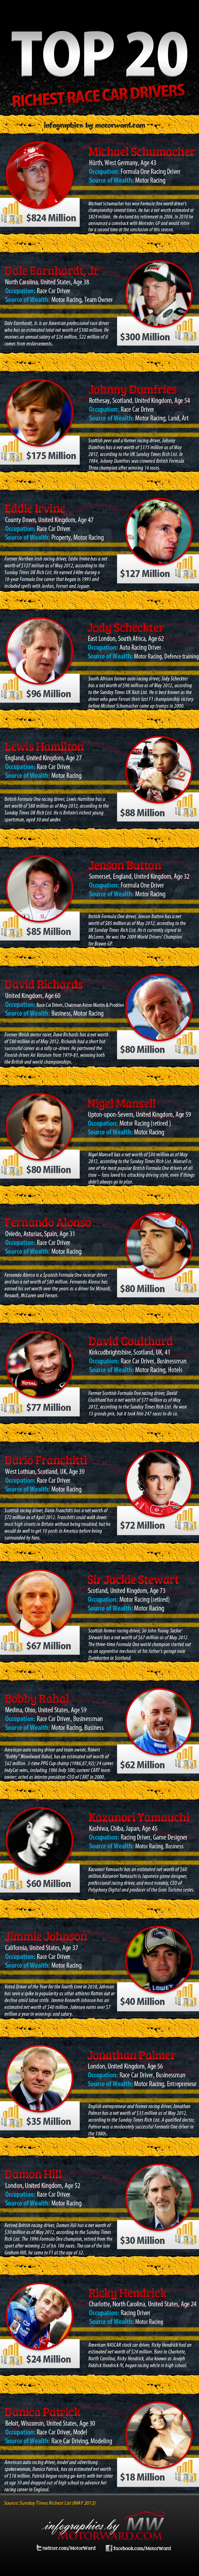 top 20 richest race drivers 545 at Top 20 Richest Race Car Drivers